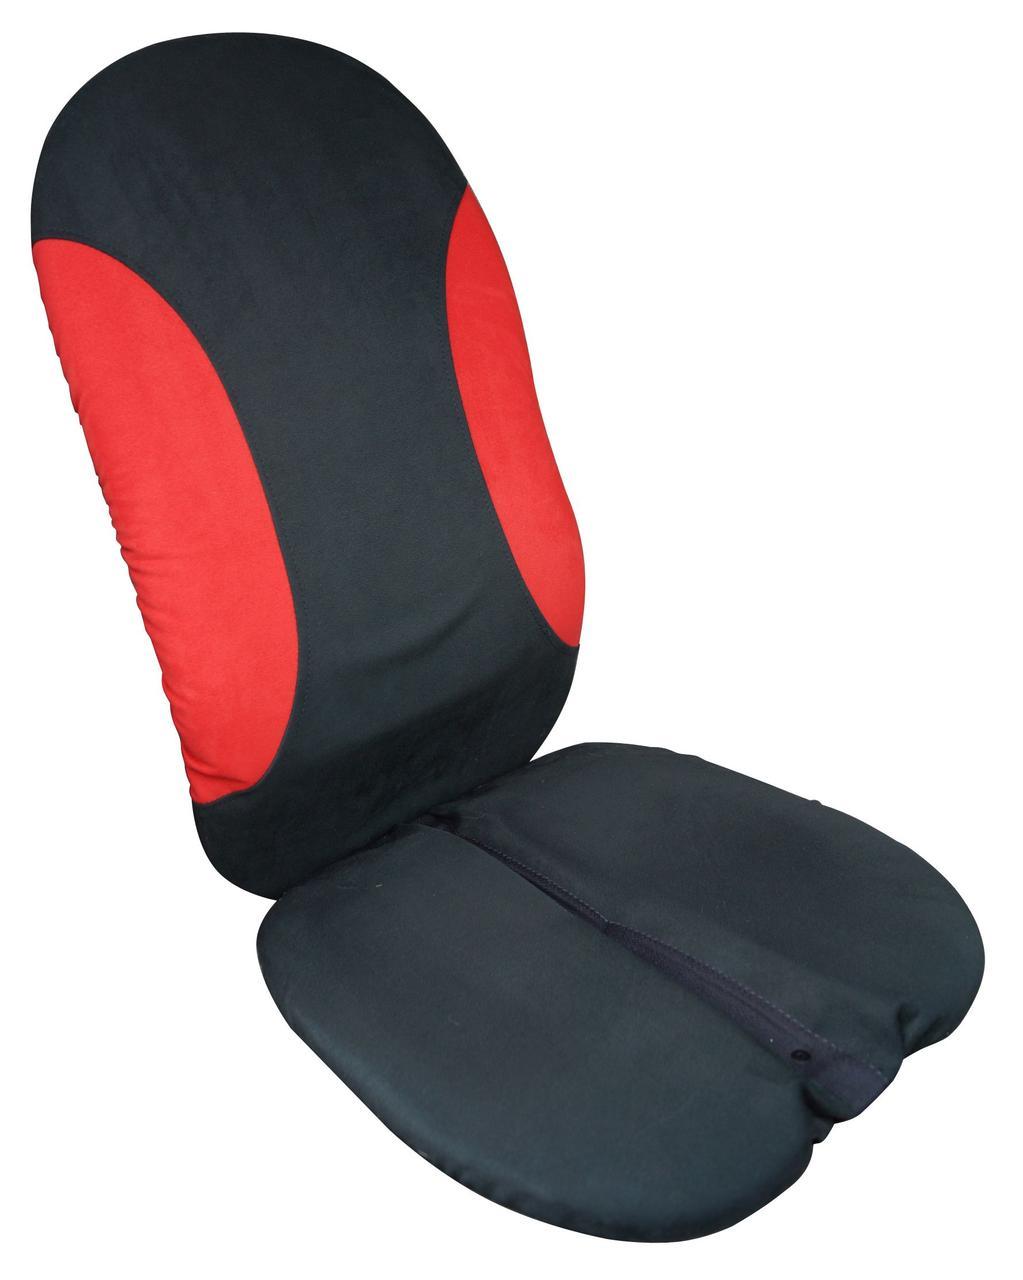 Salli Driver поддержка для спины в авто